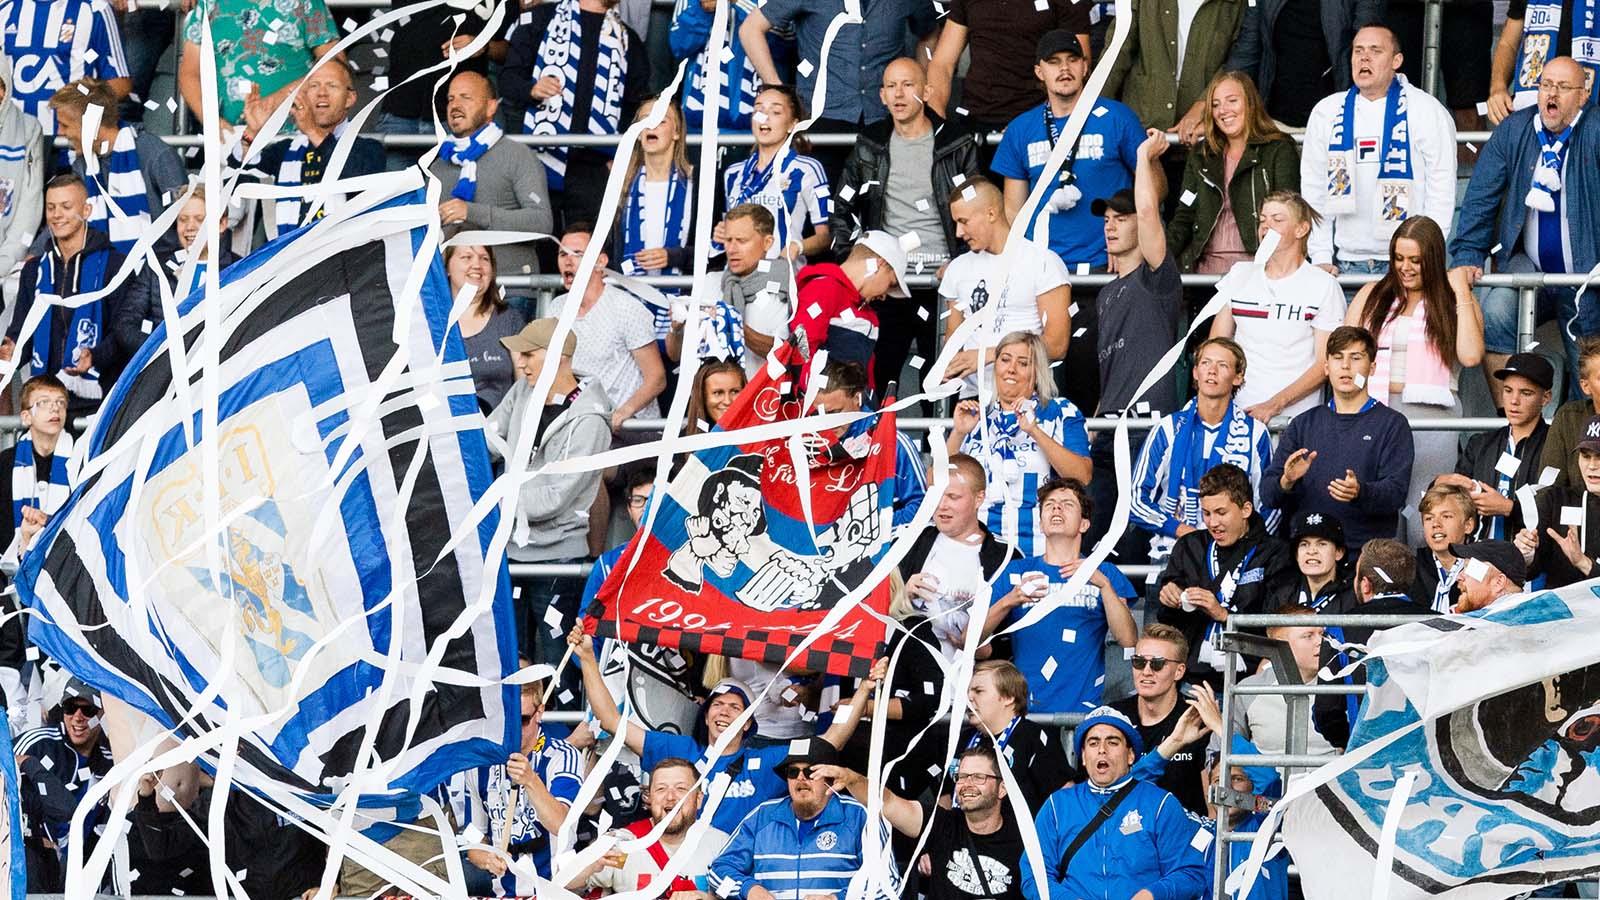 180714 Publik under fotbollsmatchen i Allsvenskan mellan IFK Göteborg och Örebro den 14 juli 2018 i Göteborg. Foto: Krister Andersson / BILDBYRÅN / Kod KA / Cop 147